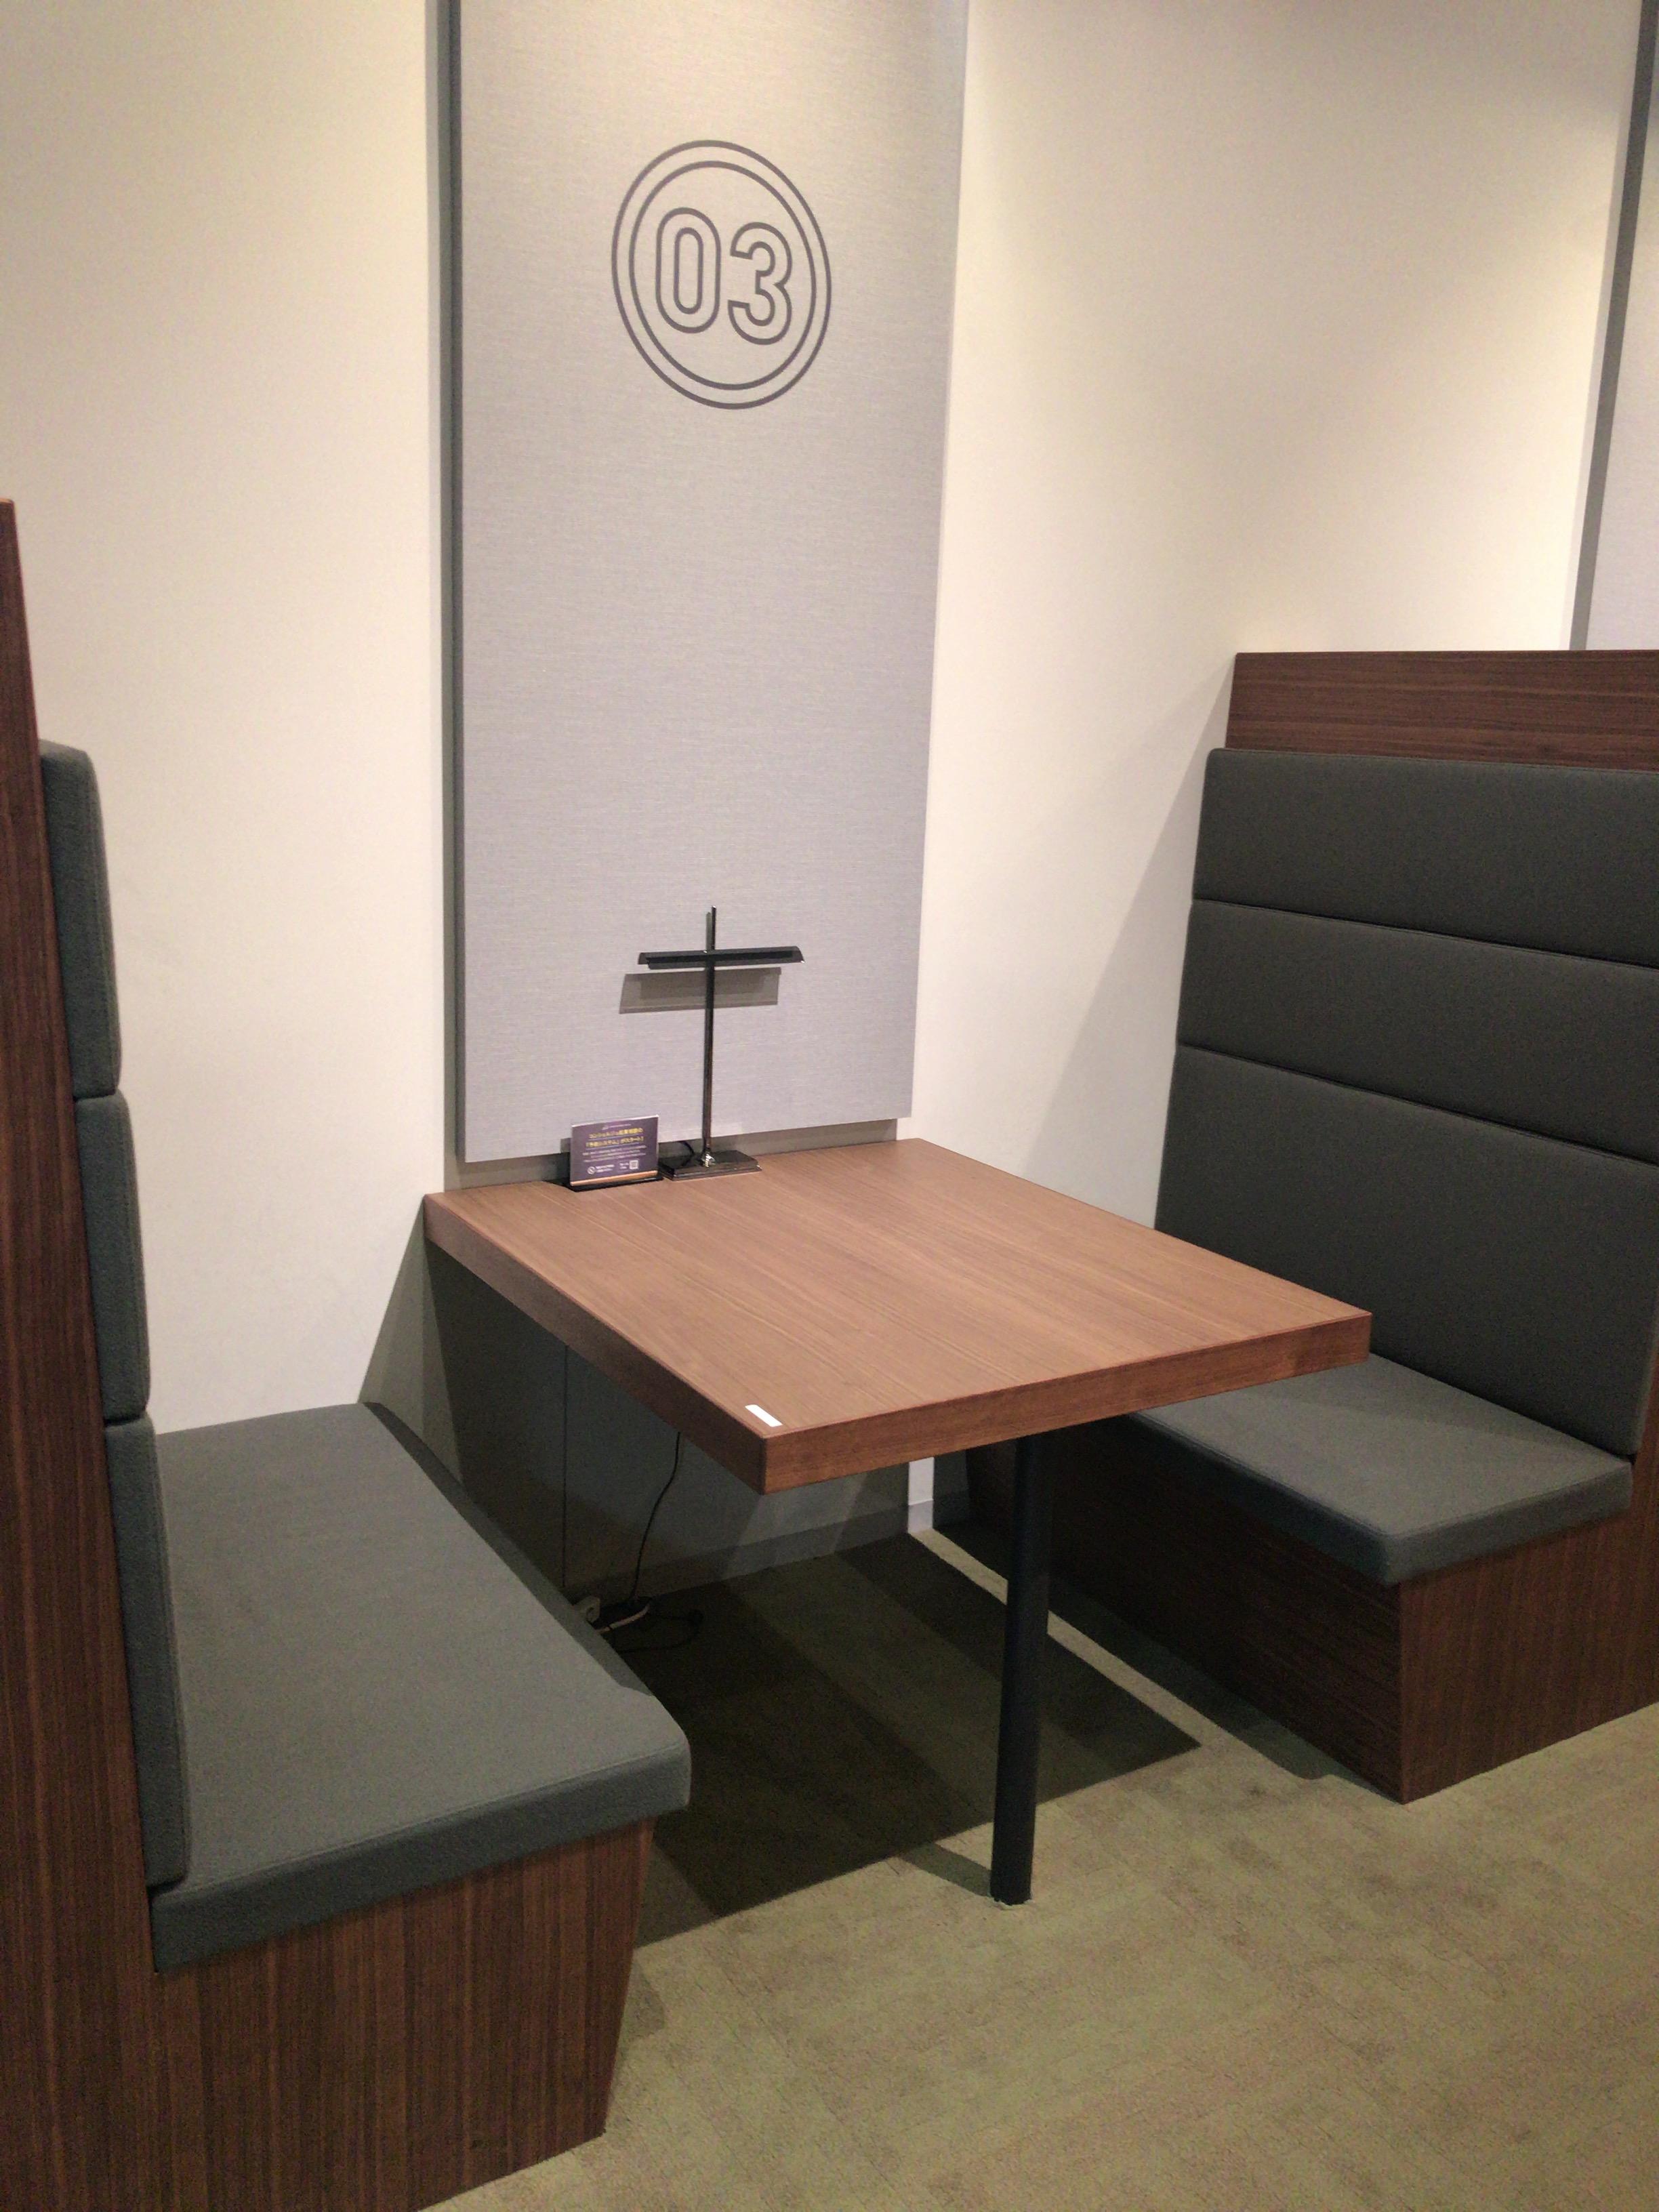 Startup Hub Tokyoメンバーズサロン椅子